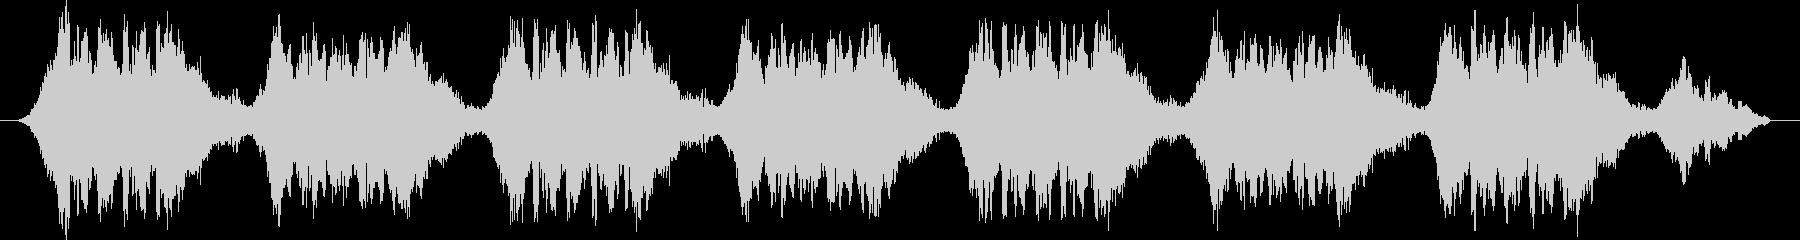 緊急自動車サイレン音 タイプAの未再生の波形